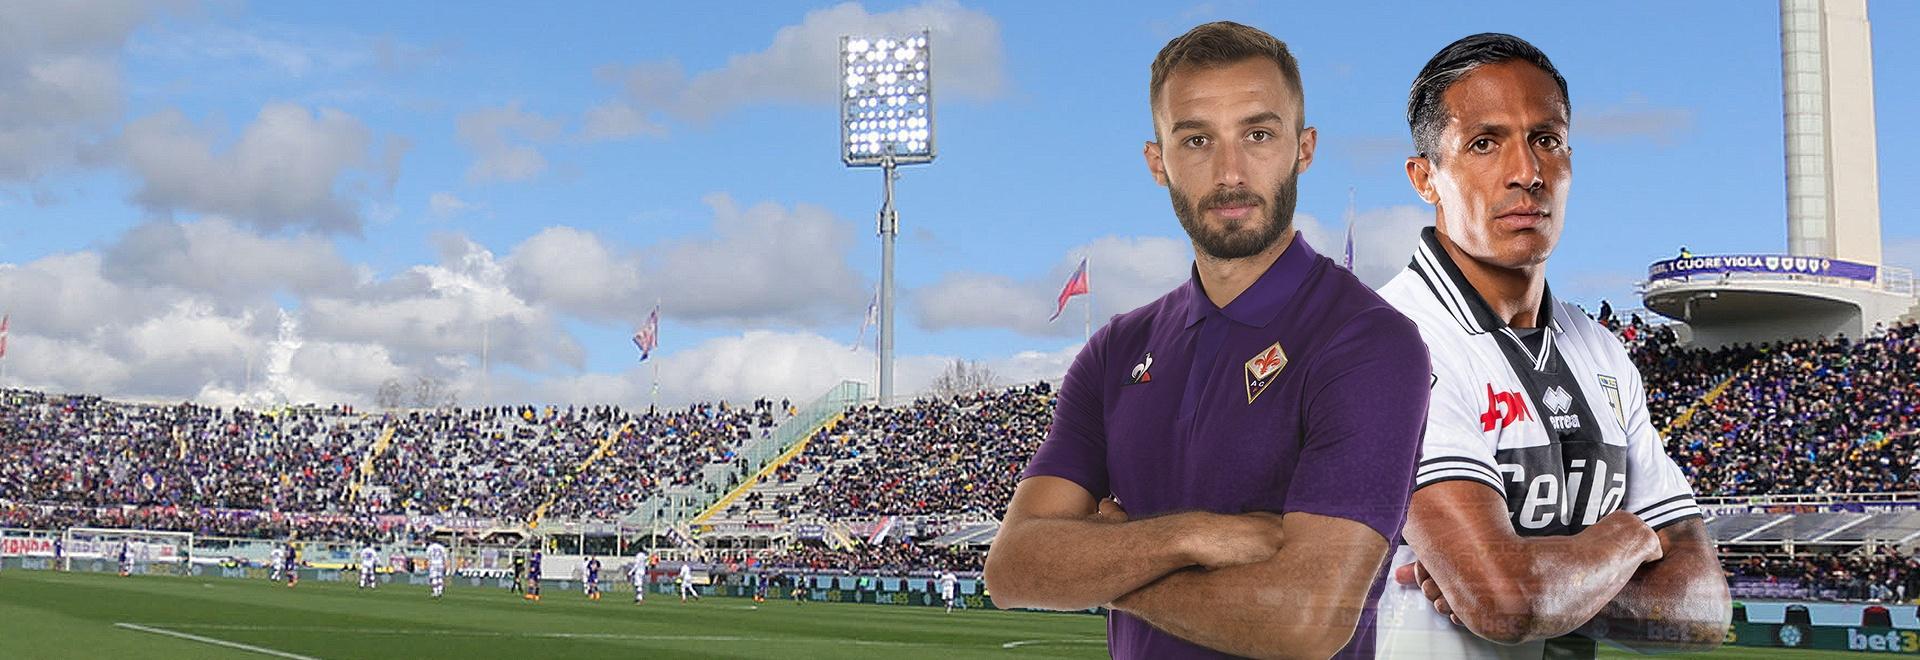 Fiorentina - Parma. 18a g.